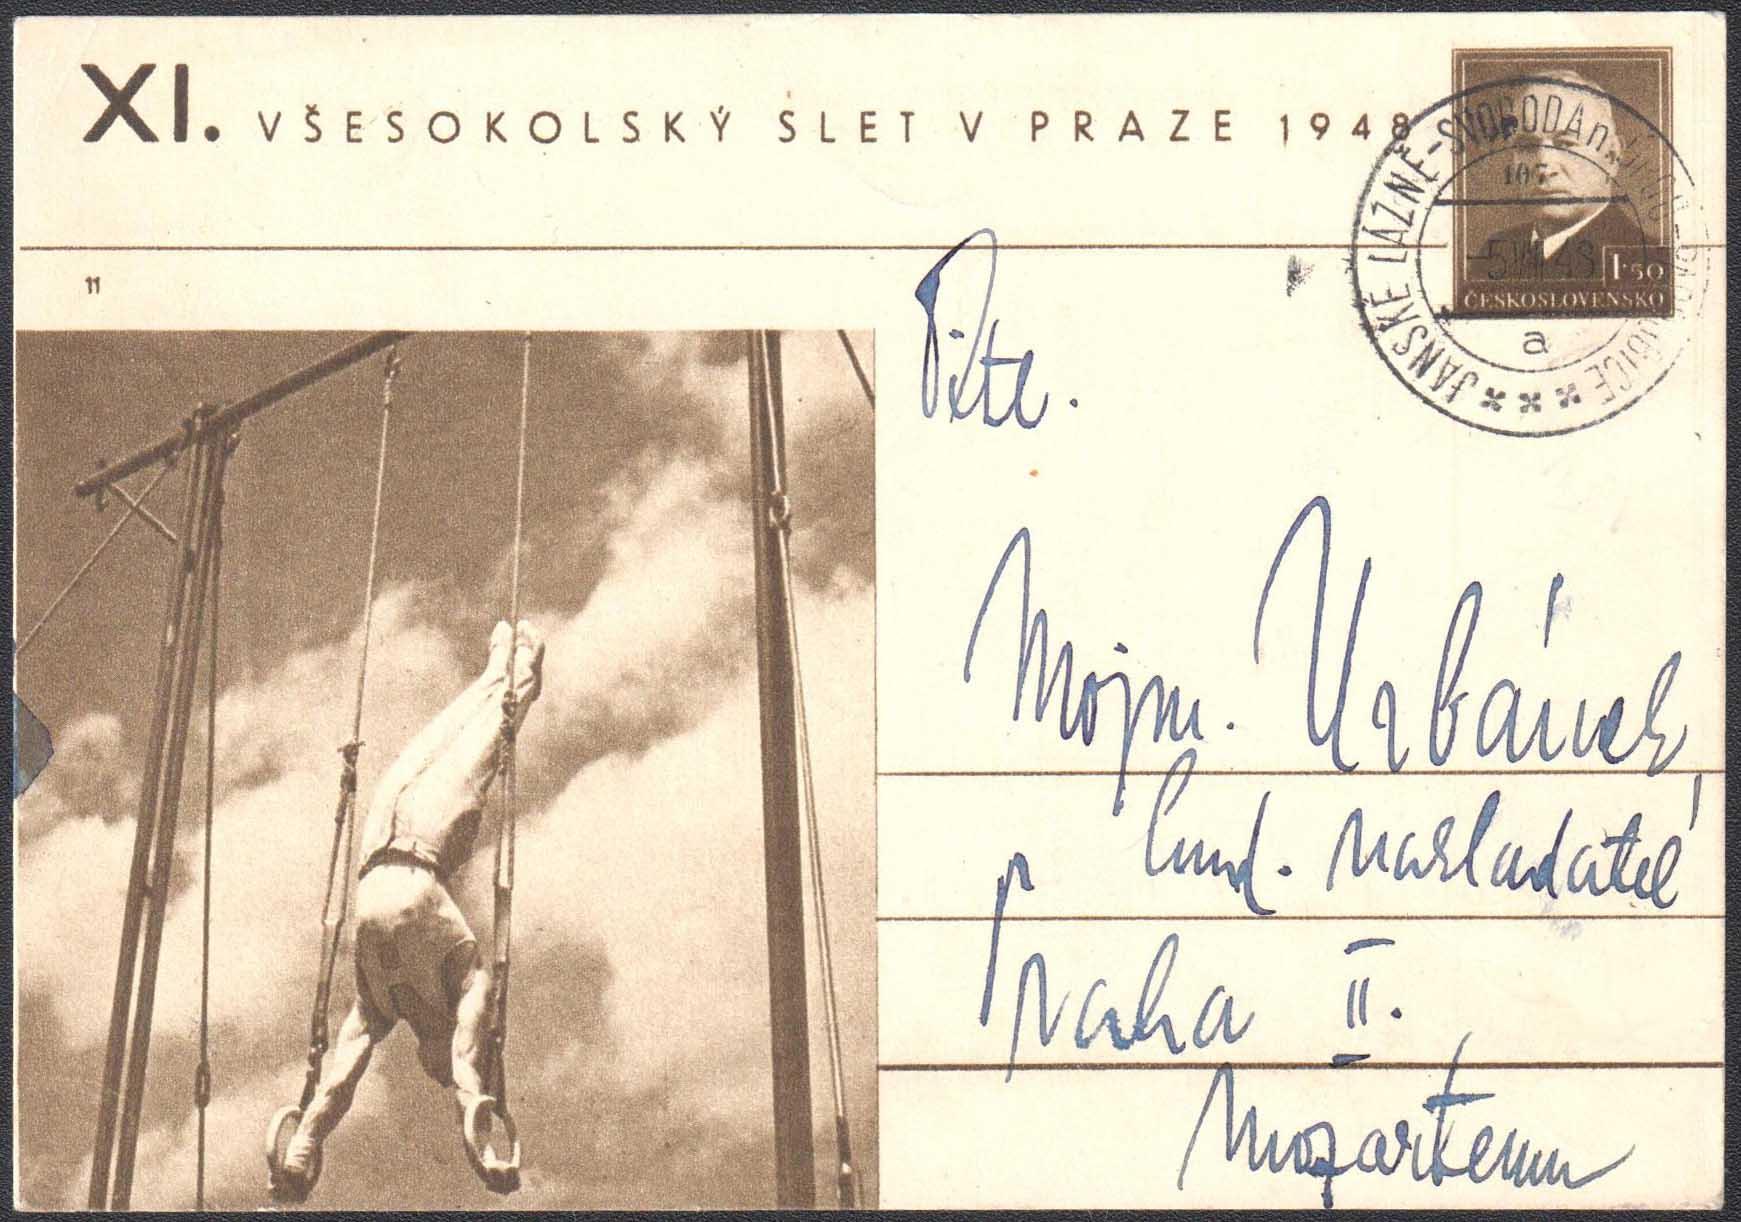 ÈESKOSLOVENSKO 1948 - XI. VŠESOKOLSKÝ SLET V PRAZE 1948 (CDV 90 è. 11 - Cvièenie na kruhoch)8